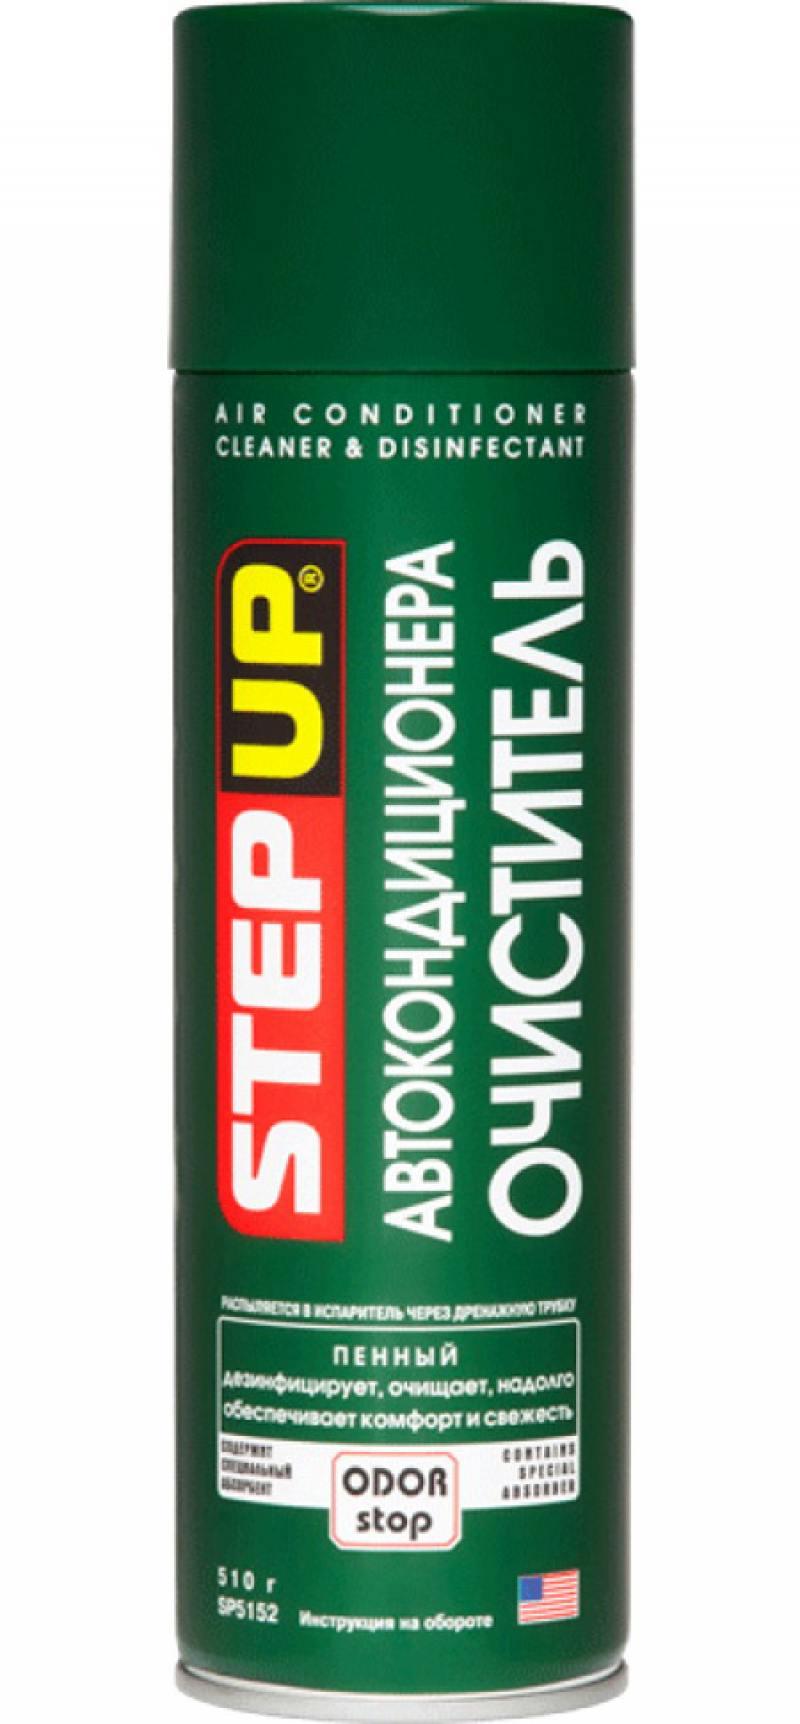 Очиститель автокондиционера Step-Up SP 5152, Step Up  - купить со скидкой